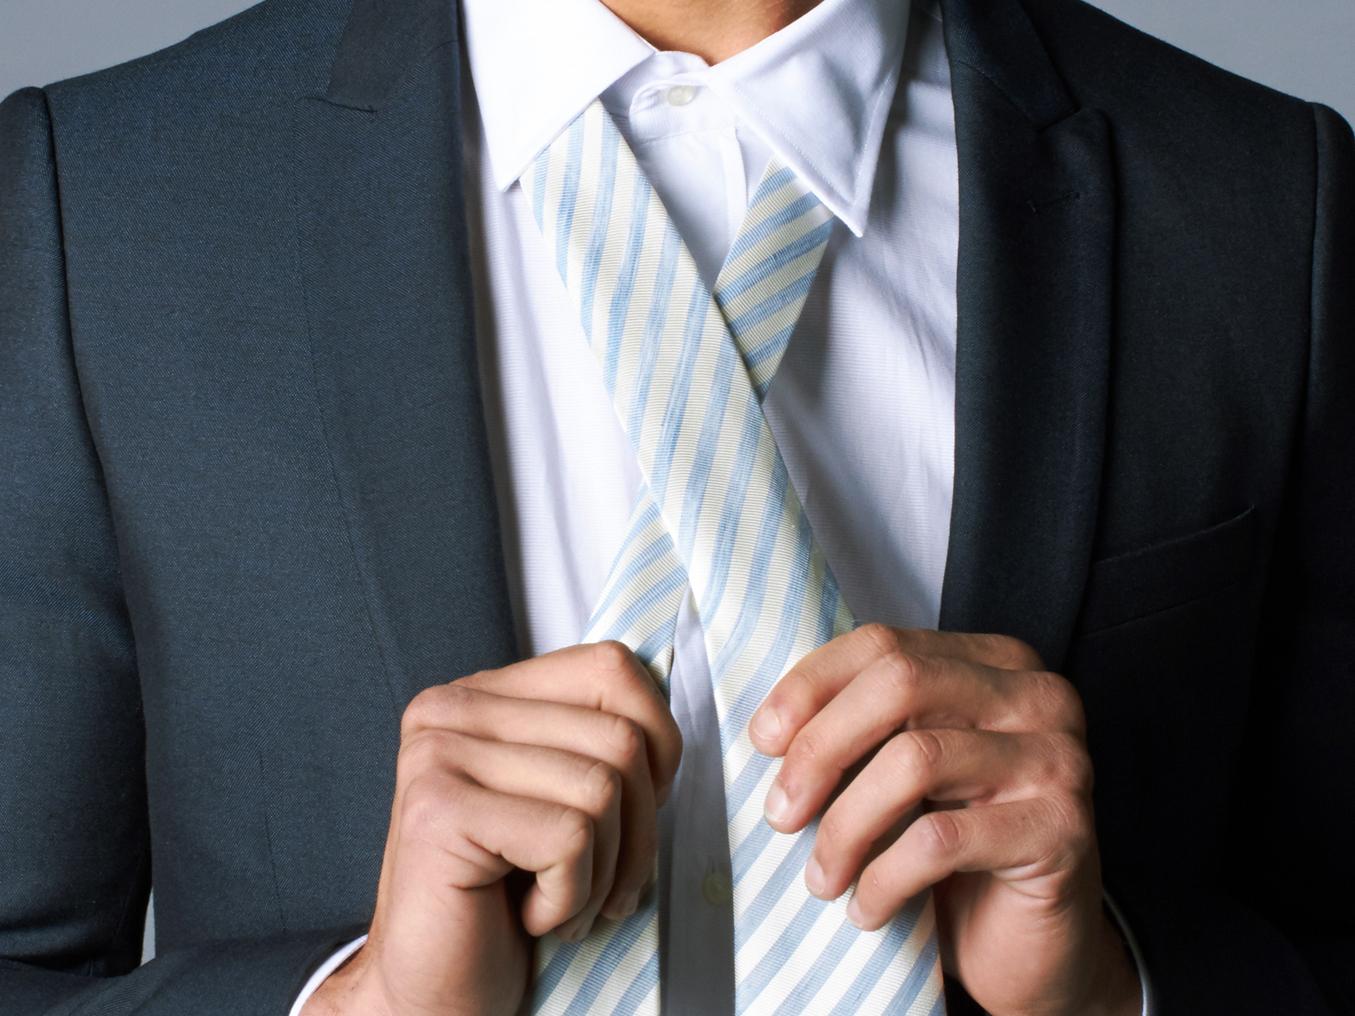 Tying a tie original